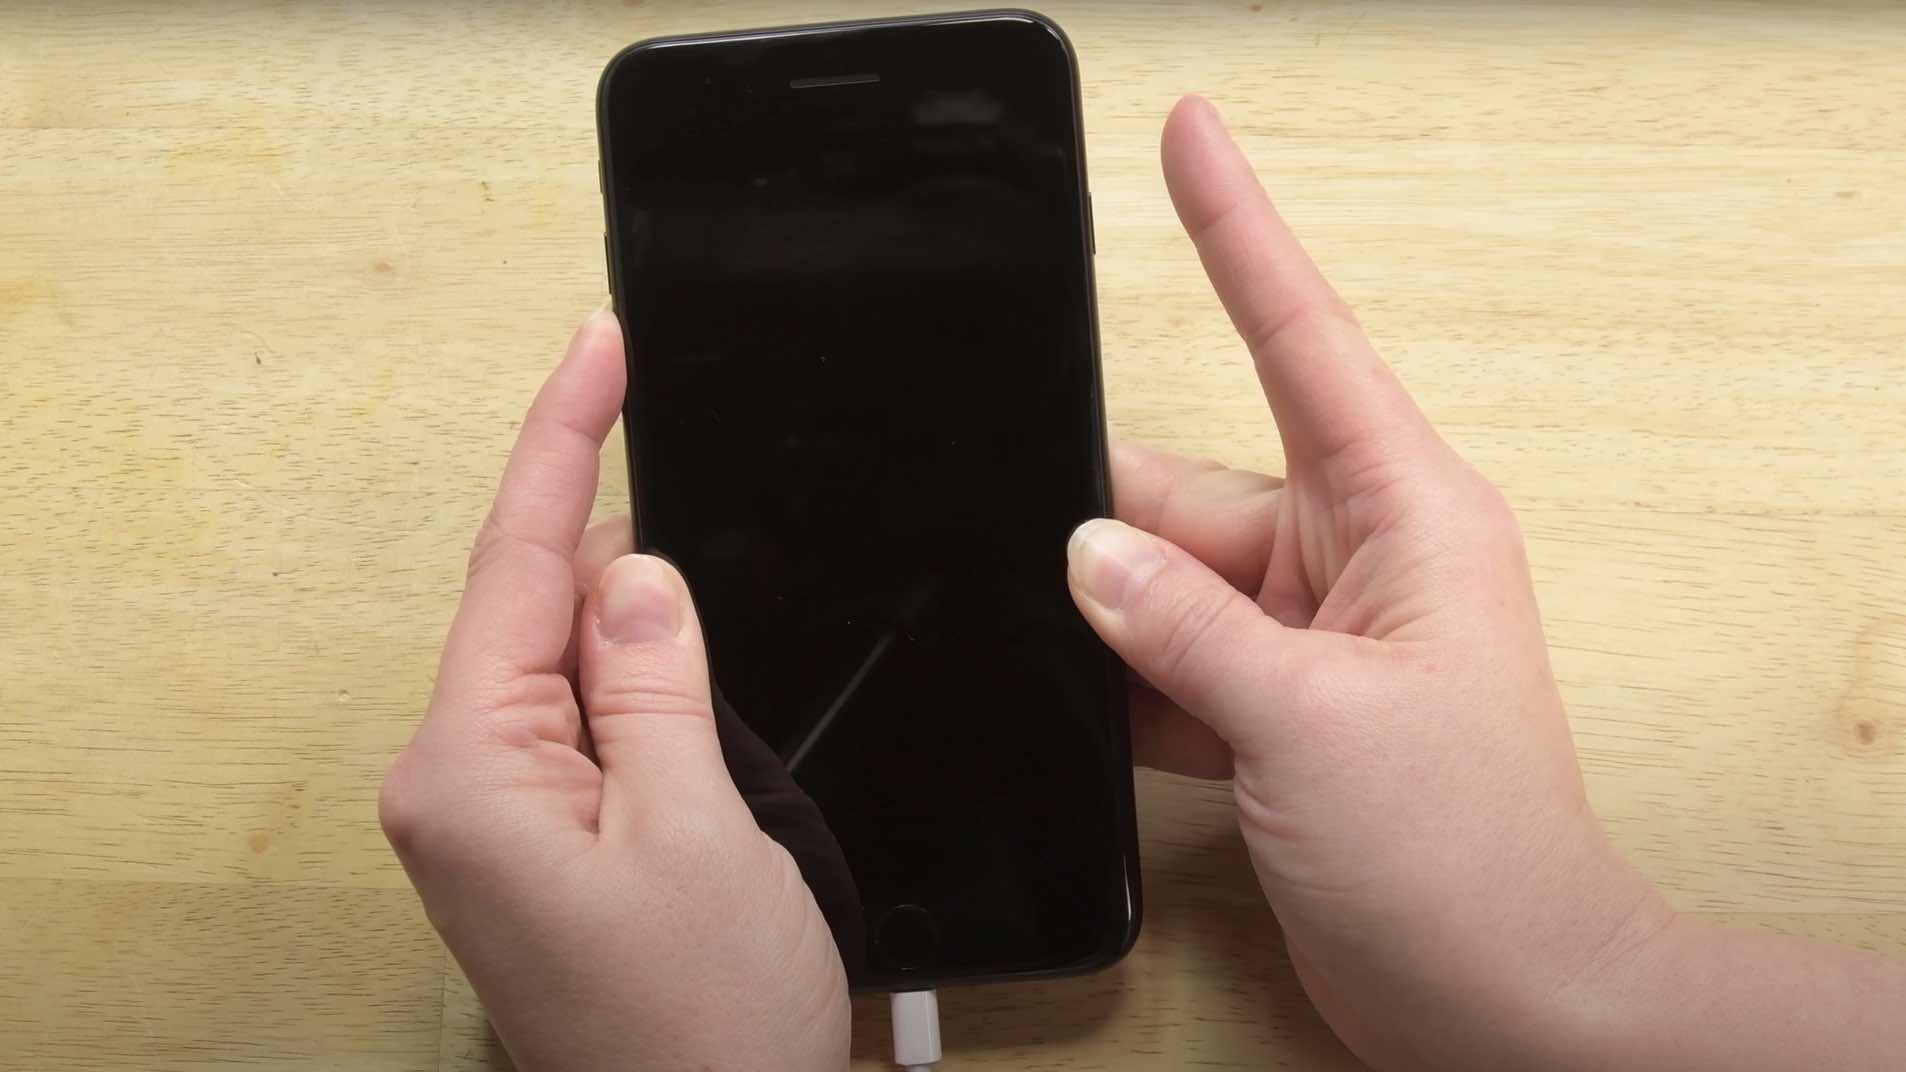 """Tất tần tật"""" những điều bạn cần biết về chế độ DFU trên các thiết bị iOS -  VnReview - Tư vấn"""